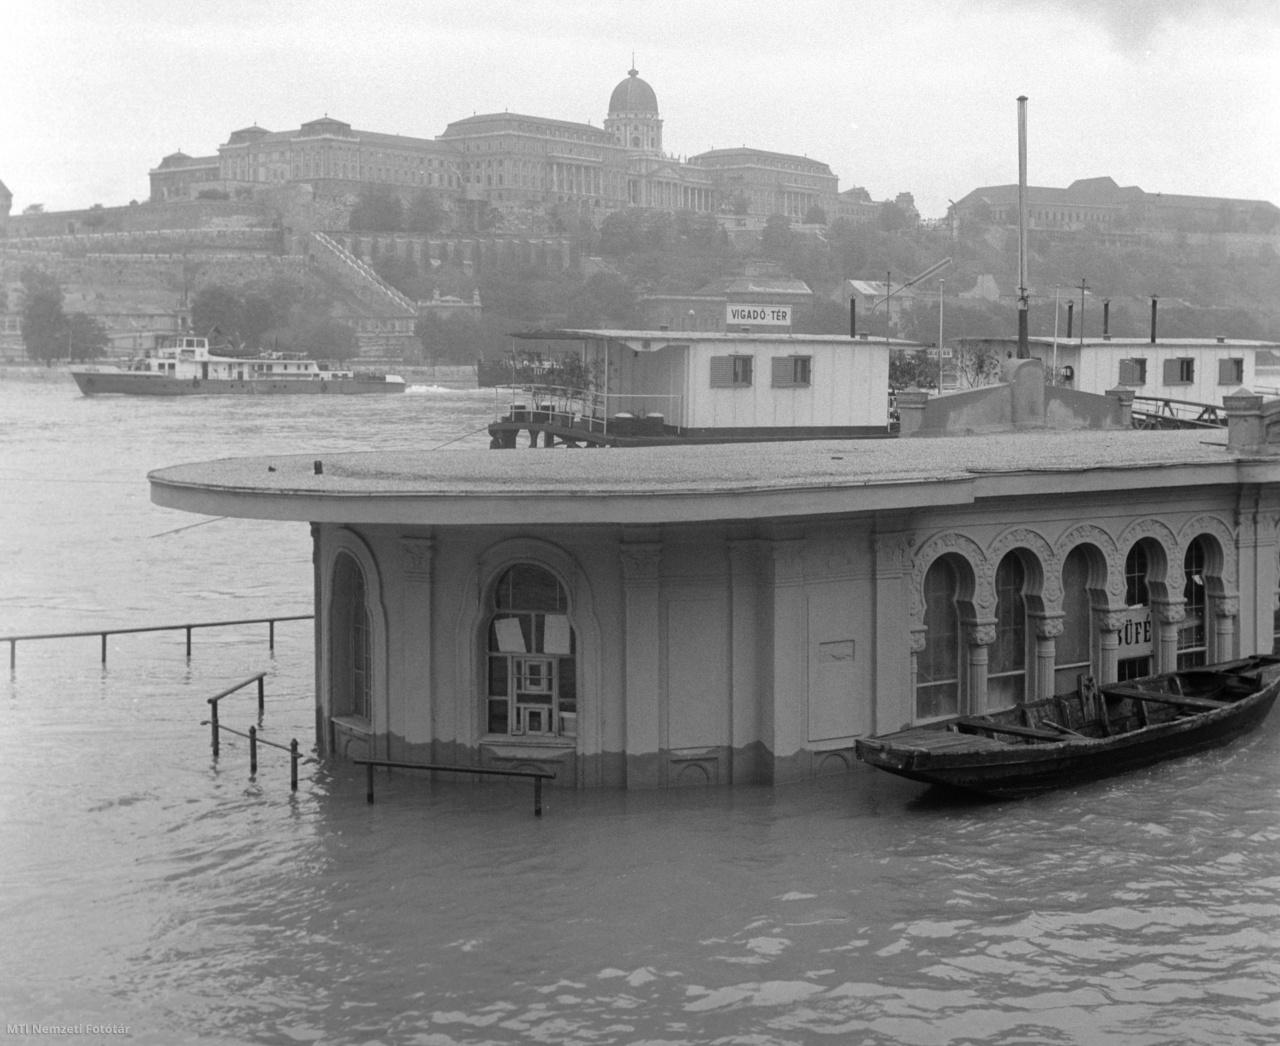 A megáradt Duna folyó által elöntött Vigadó téri hajóállomás épülete a Pesti alsó rakparton 1965. június 10-én. A háttérben a budai Várpalota. A 113 napig tartó dunai árvíz 390 km hosszan magasabb szinten tetőzött minden korábbi, jégmentes árvíznél, és tartósabban tette próbára a védőműveket. A több mint három hónapig tartó áradás hat hullámban vonult le a Dunán. A folyamatos esőzések miatt néhány hét alatt másfélszer több csapadék hullott le, mint más években. Több ezer épület dőlt romba és rongálódott meg súlyosan.